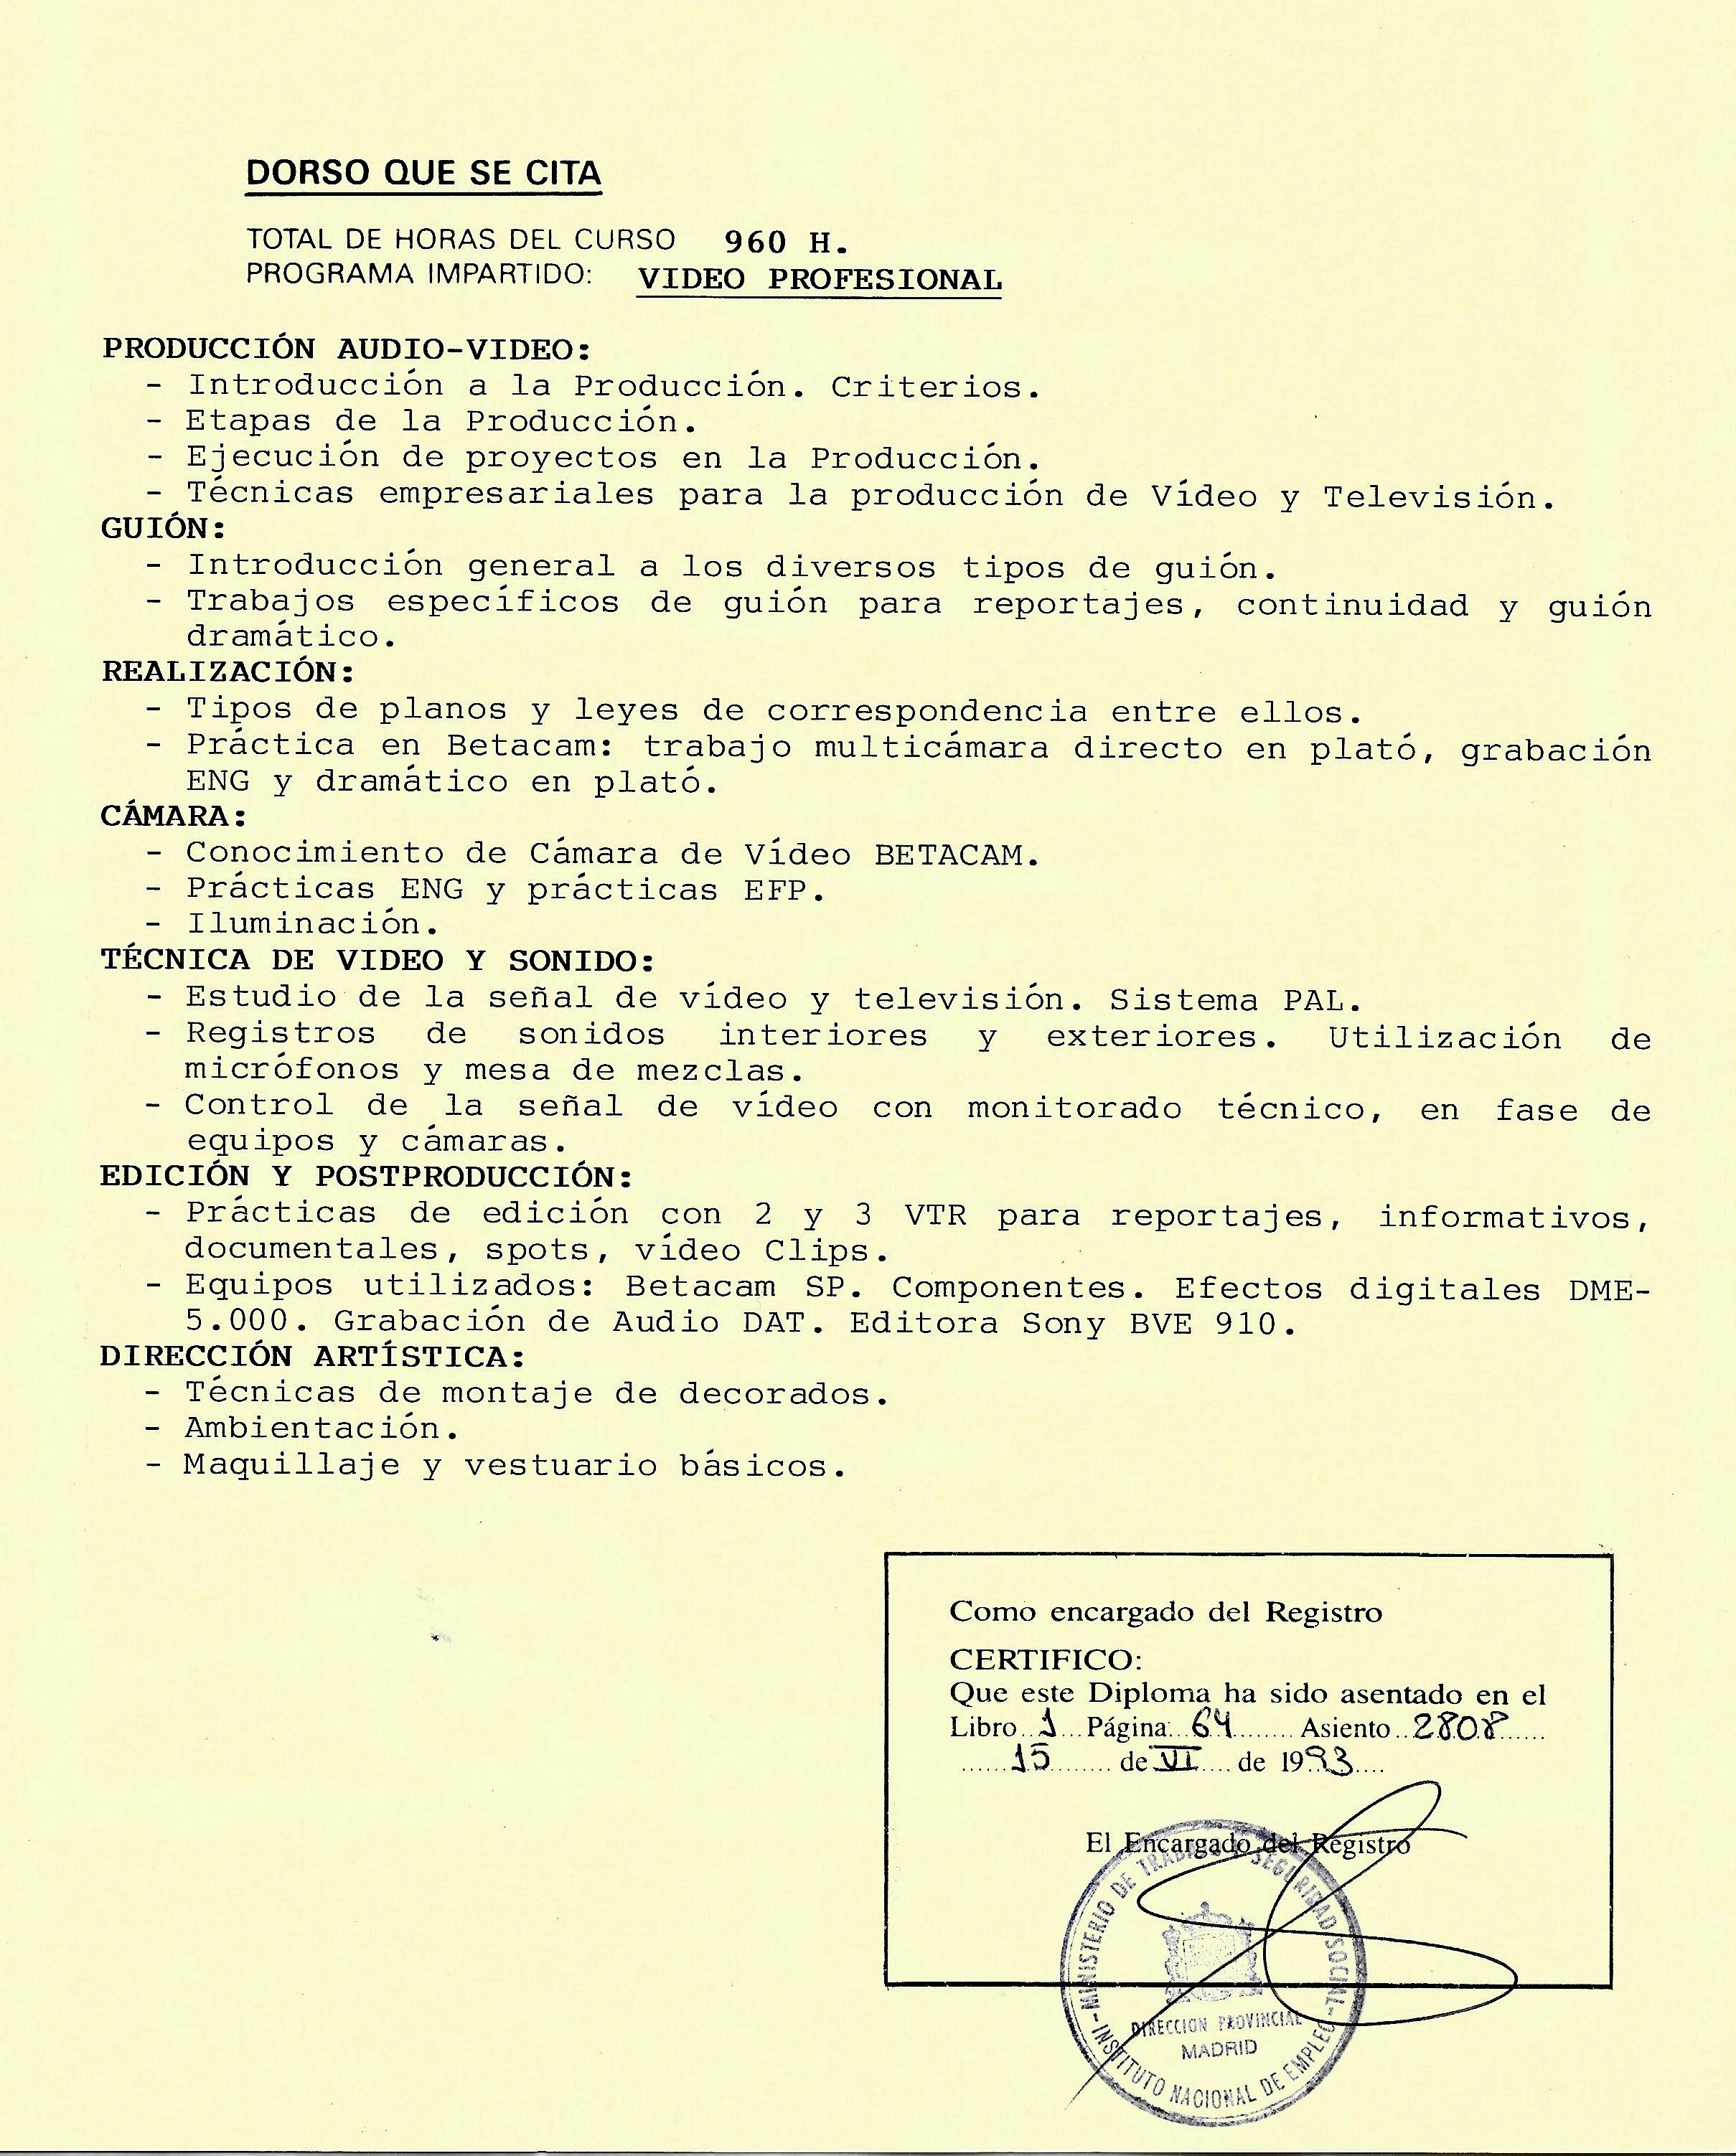 CURSO DE VIDEO PROFESIONAL MAGERIT REVERSO